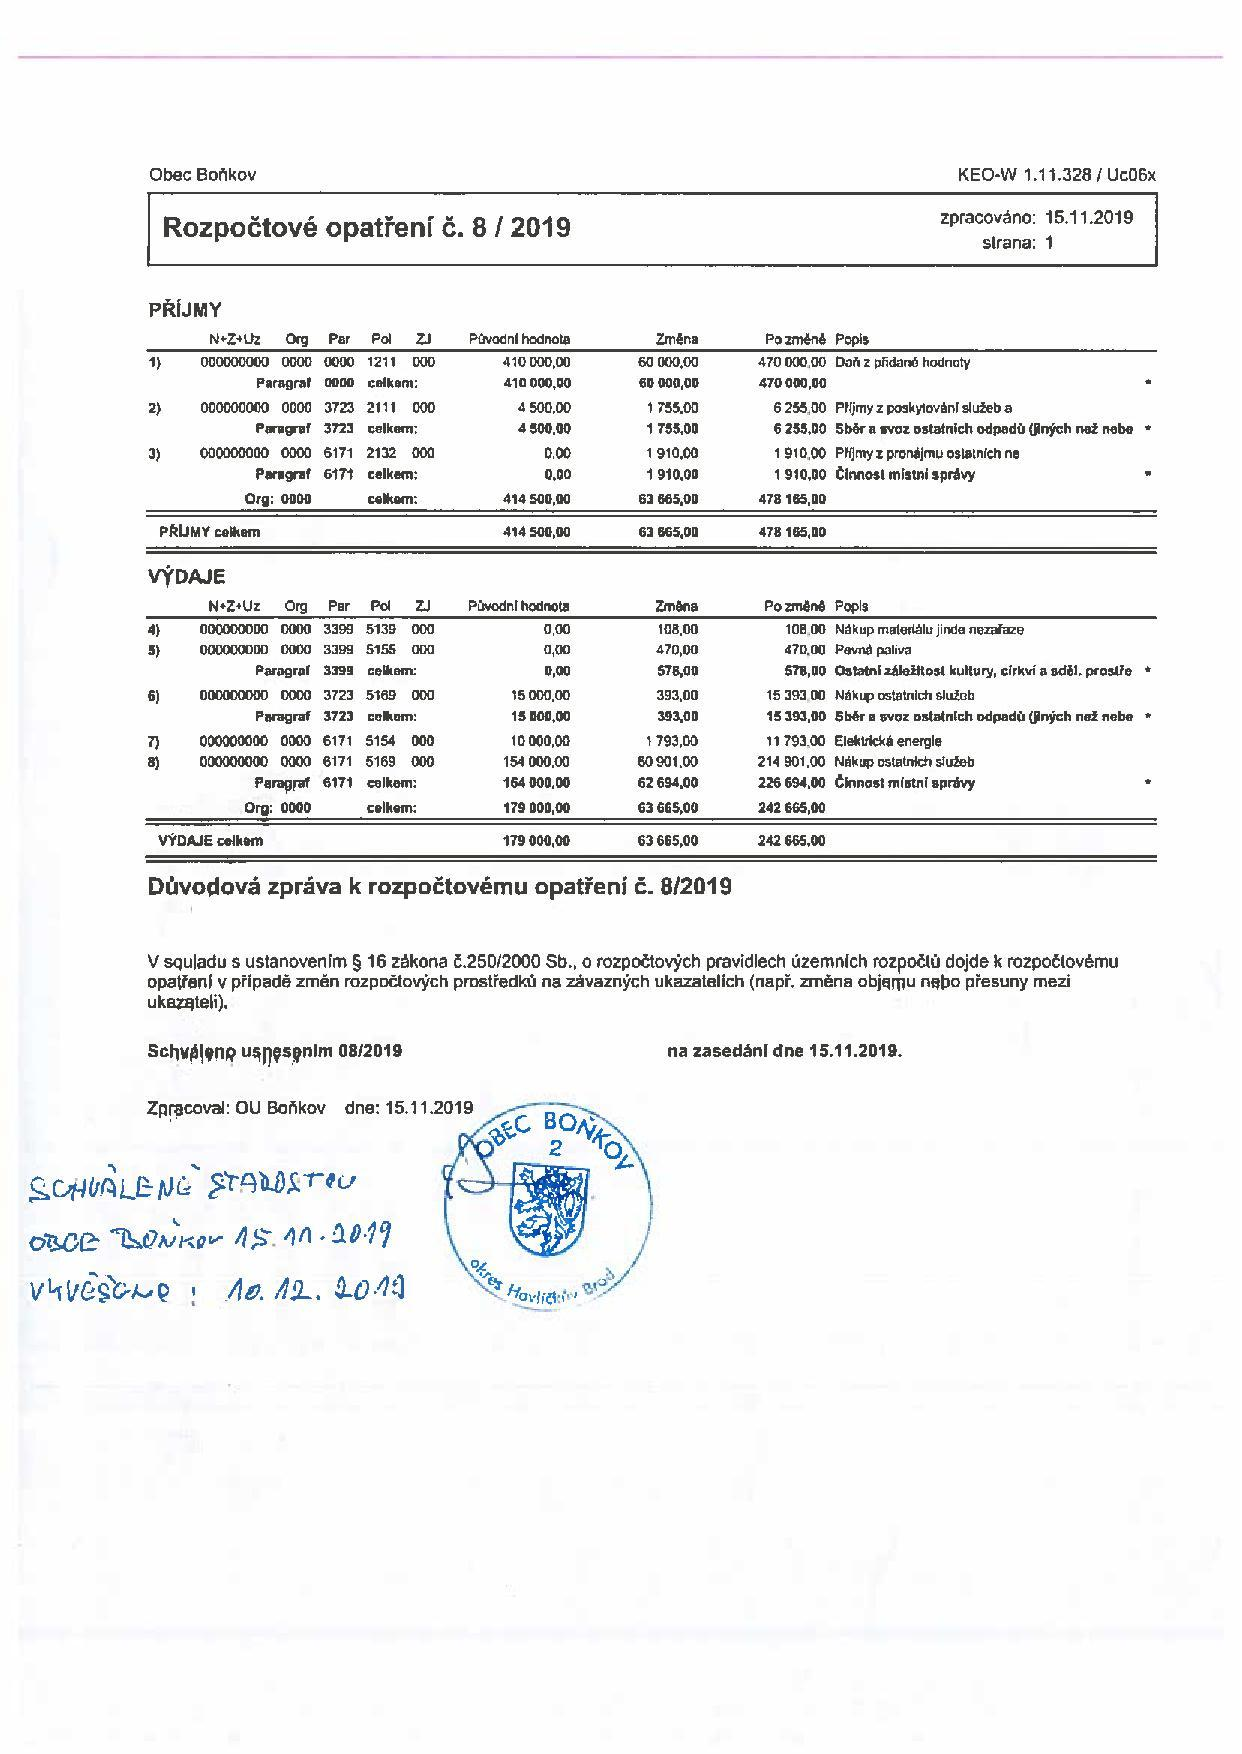 Rozpočtové opatření č.8/2019